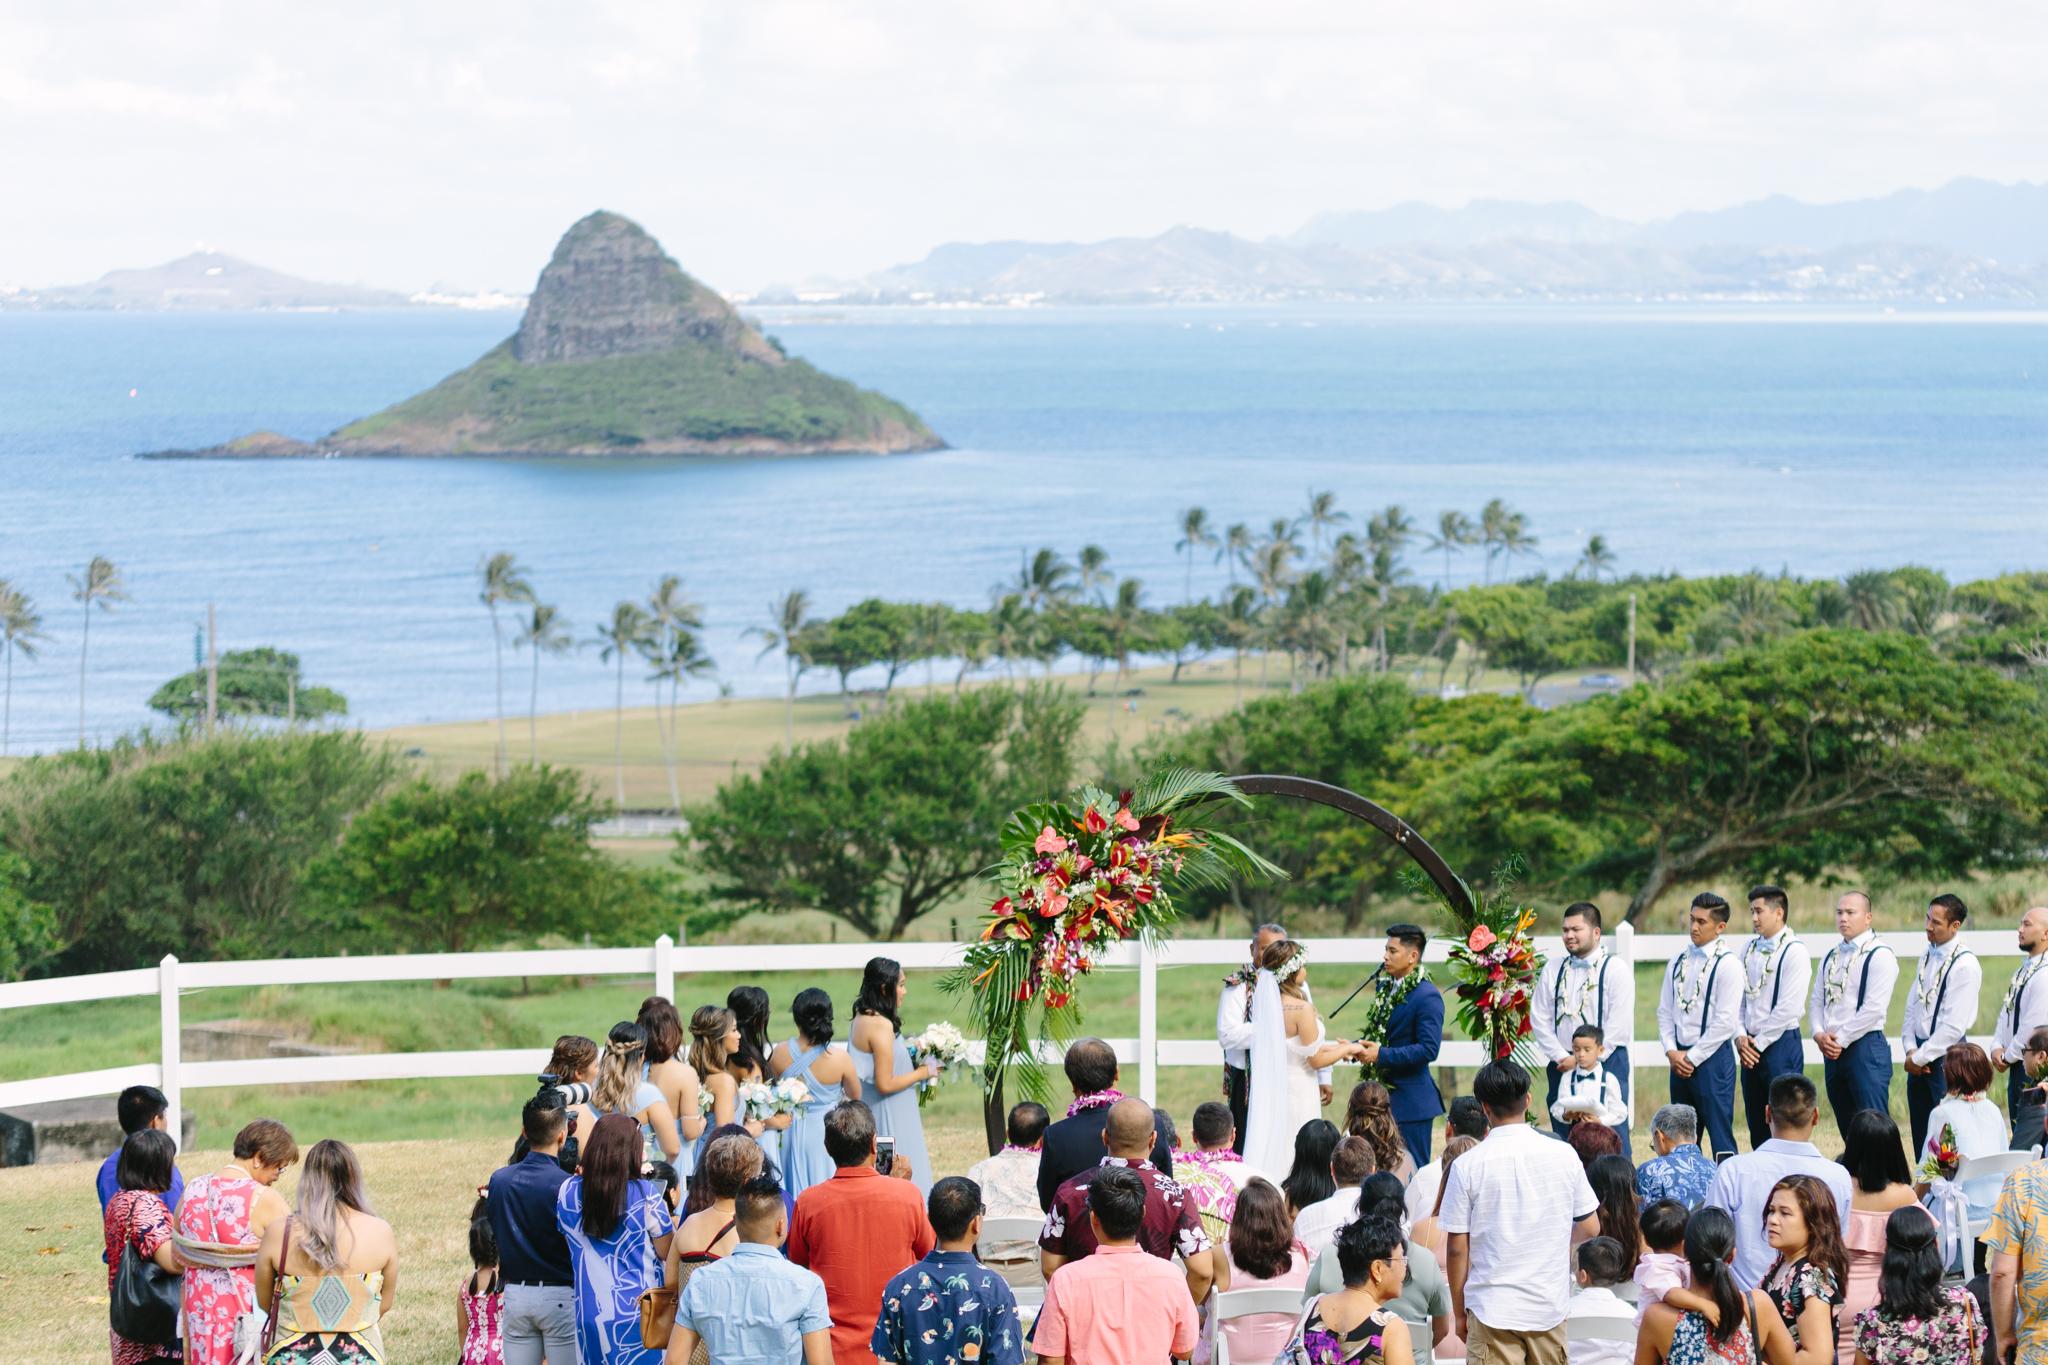 kualoa_ranch_wedding_photography_tone_hawaii-56.jpg